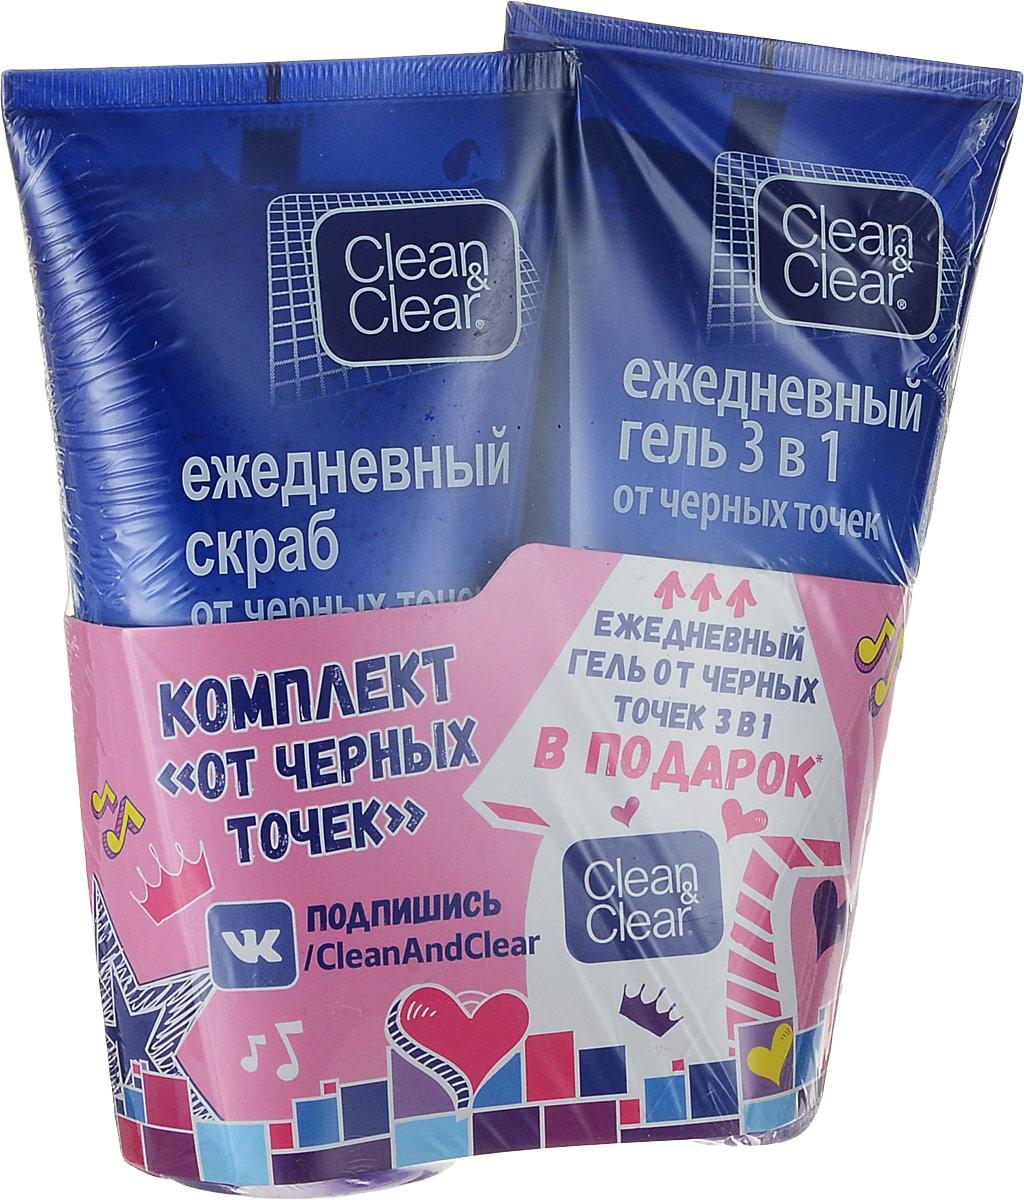 Clean&Clear Ежедневный скраб для лица, от черных точек, 150 мл + Ежедневный гель 3 в 1, от черных точек, 150 мл89605_подарок